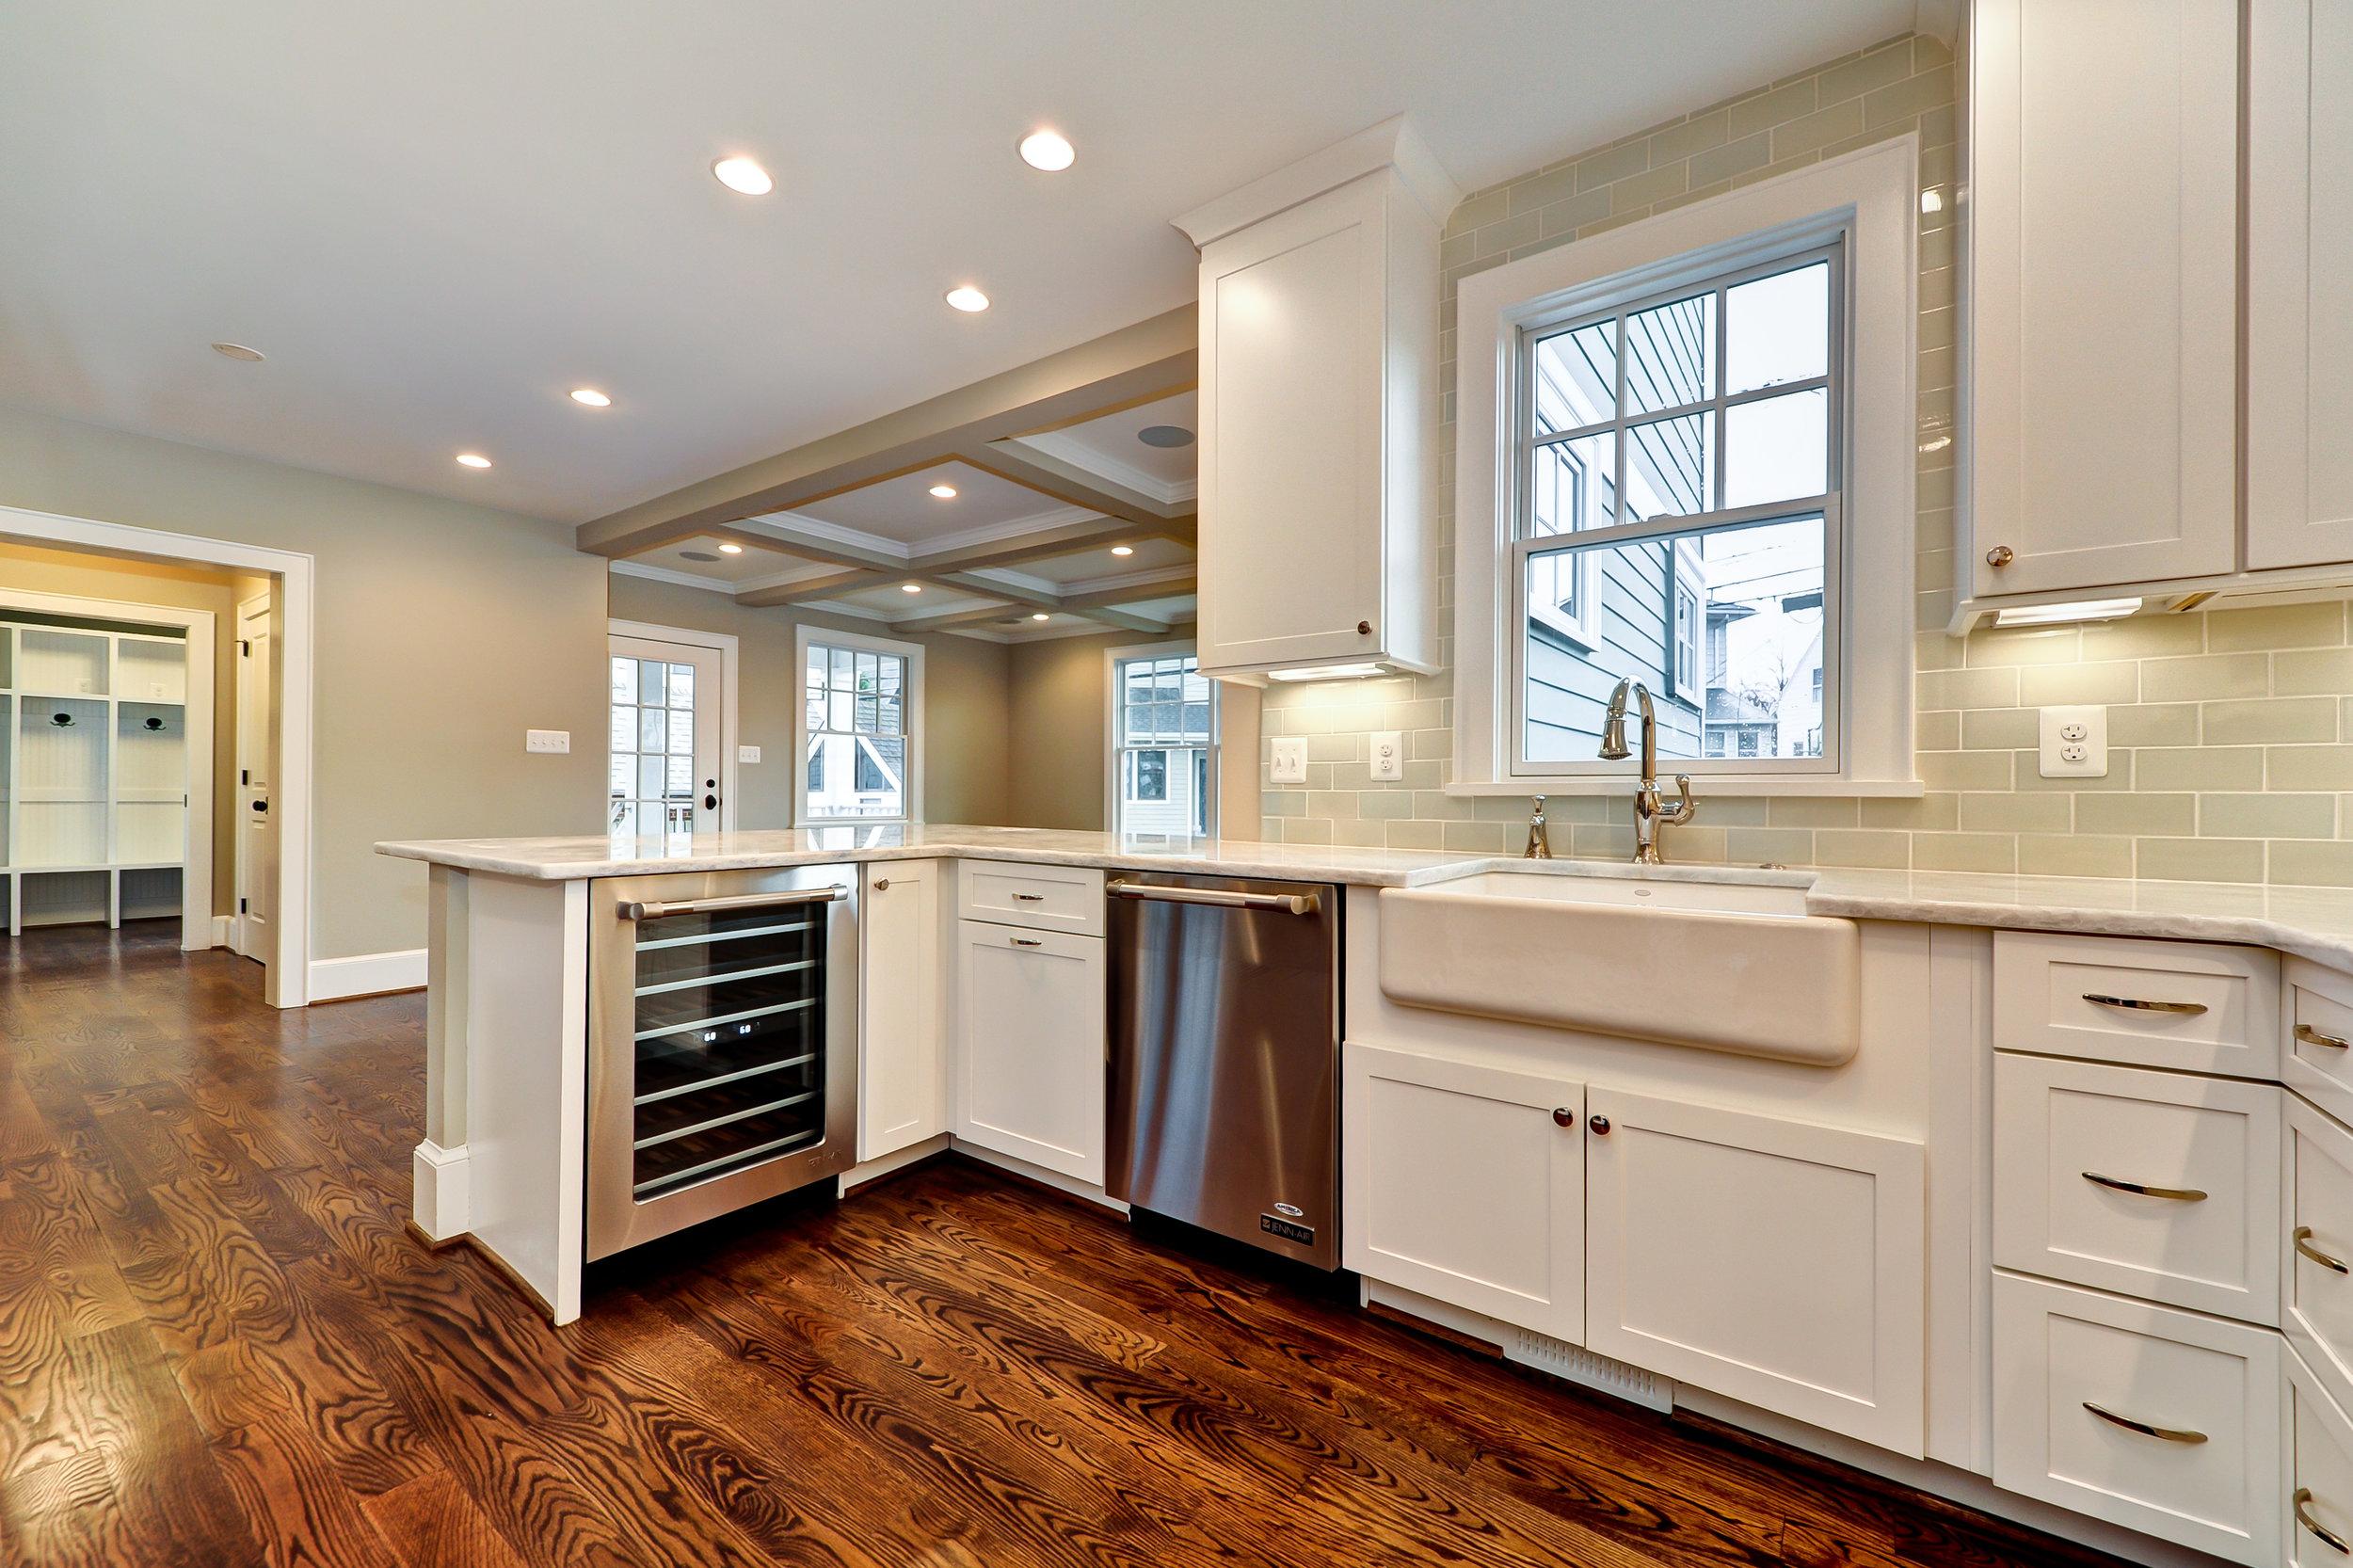 1560 N. Bryan St. - Kitchen 3.jpg